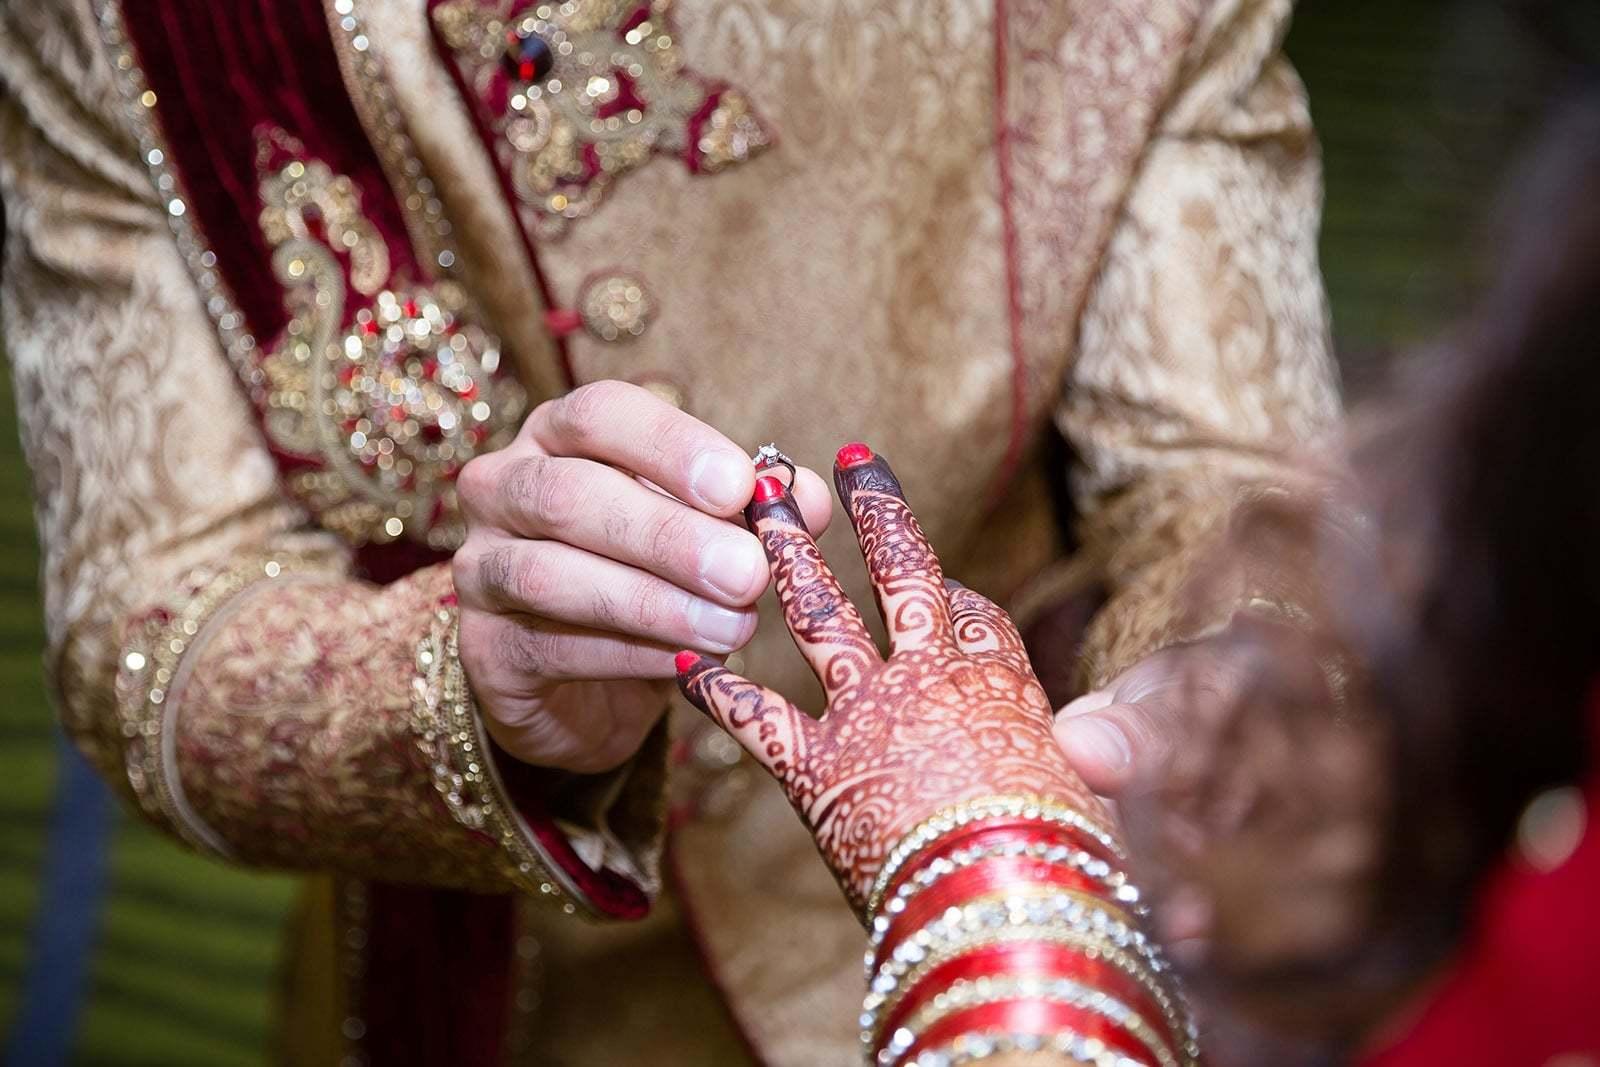 ' آج میری شادی ہوگئی ہے، جنید کا جنازہ اٹھوا کر آرہی ہوں'